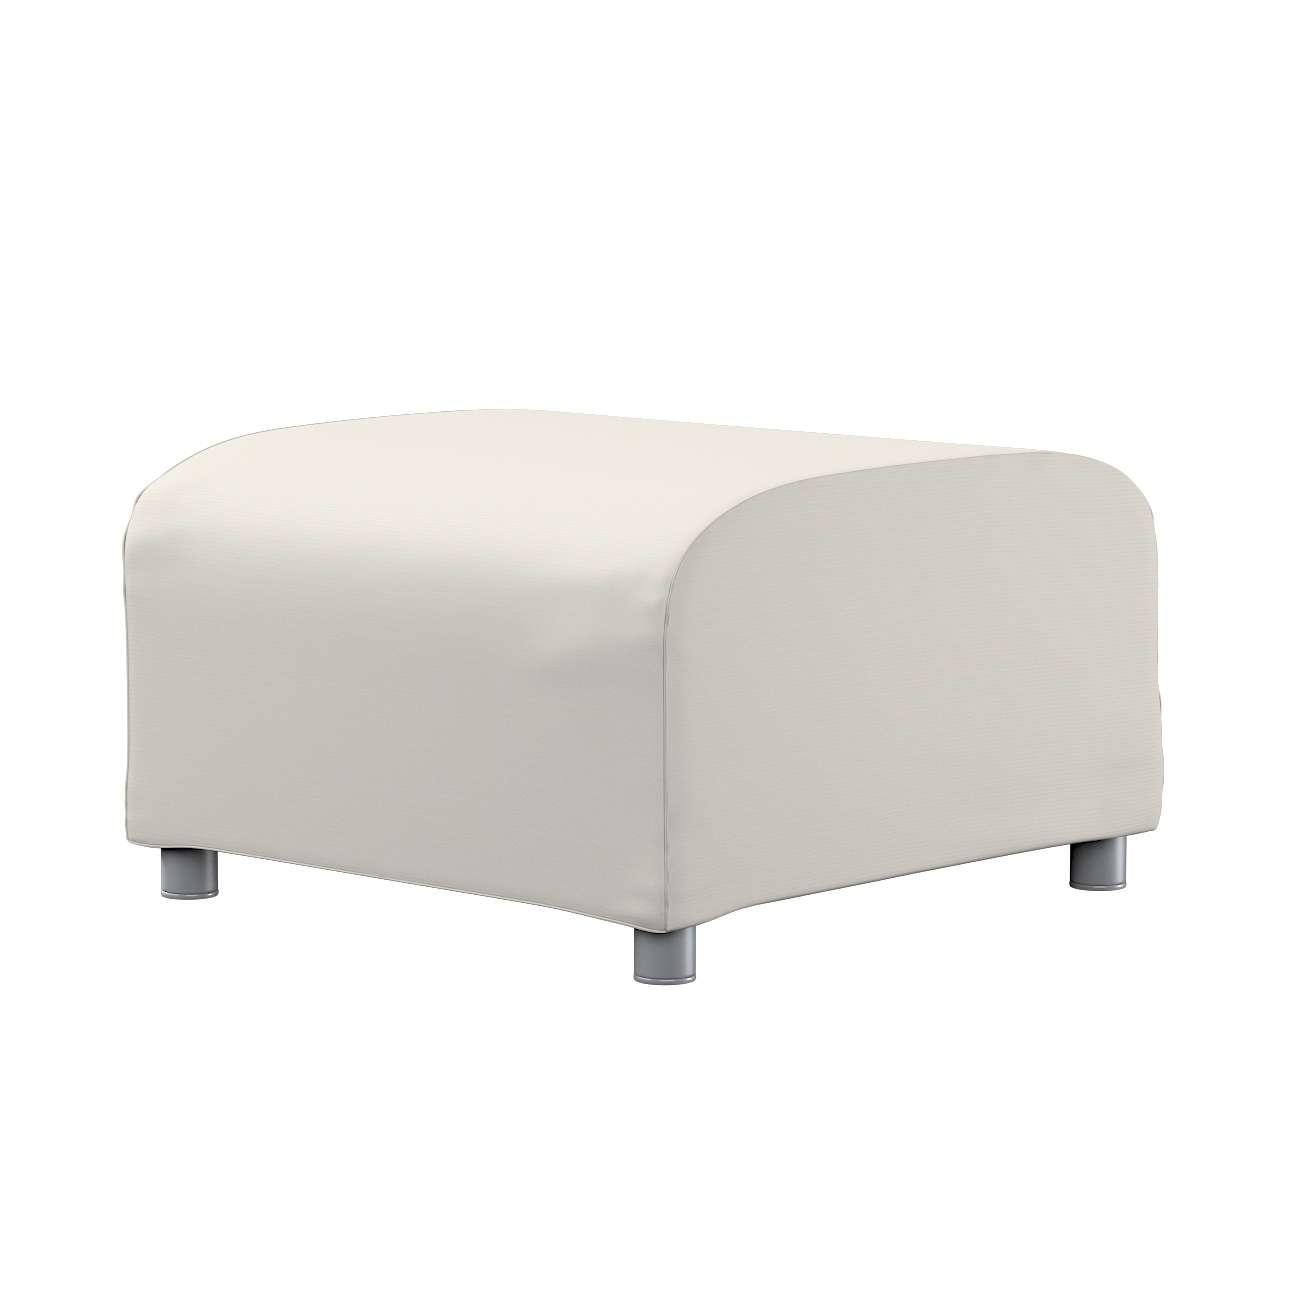 KLIPPAN pufo užvalkalas Klippan footstool cover kolekcijoje Cotton Panama, audinys: 702-31